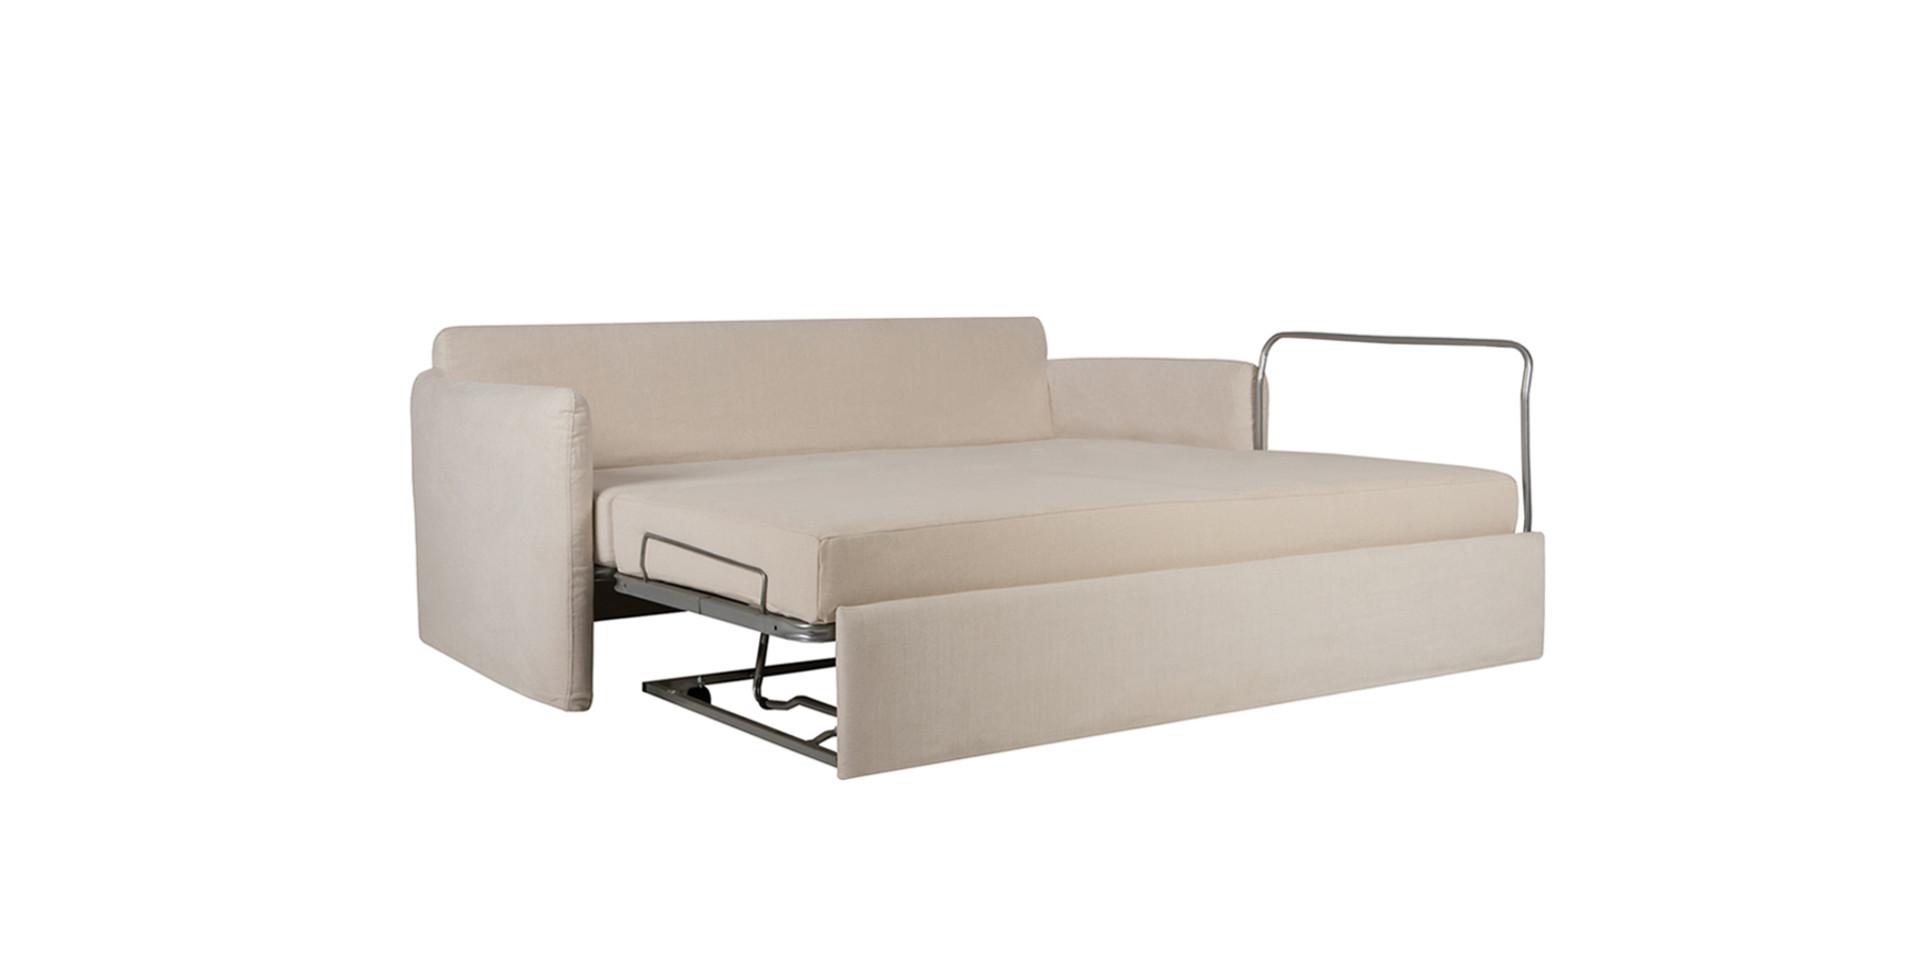 LOTTA_sofa_bed_caleido3790_beige_11